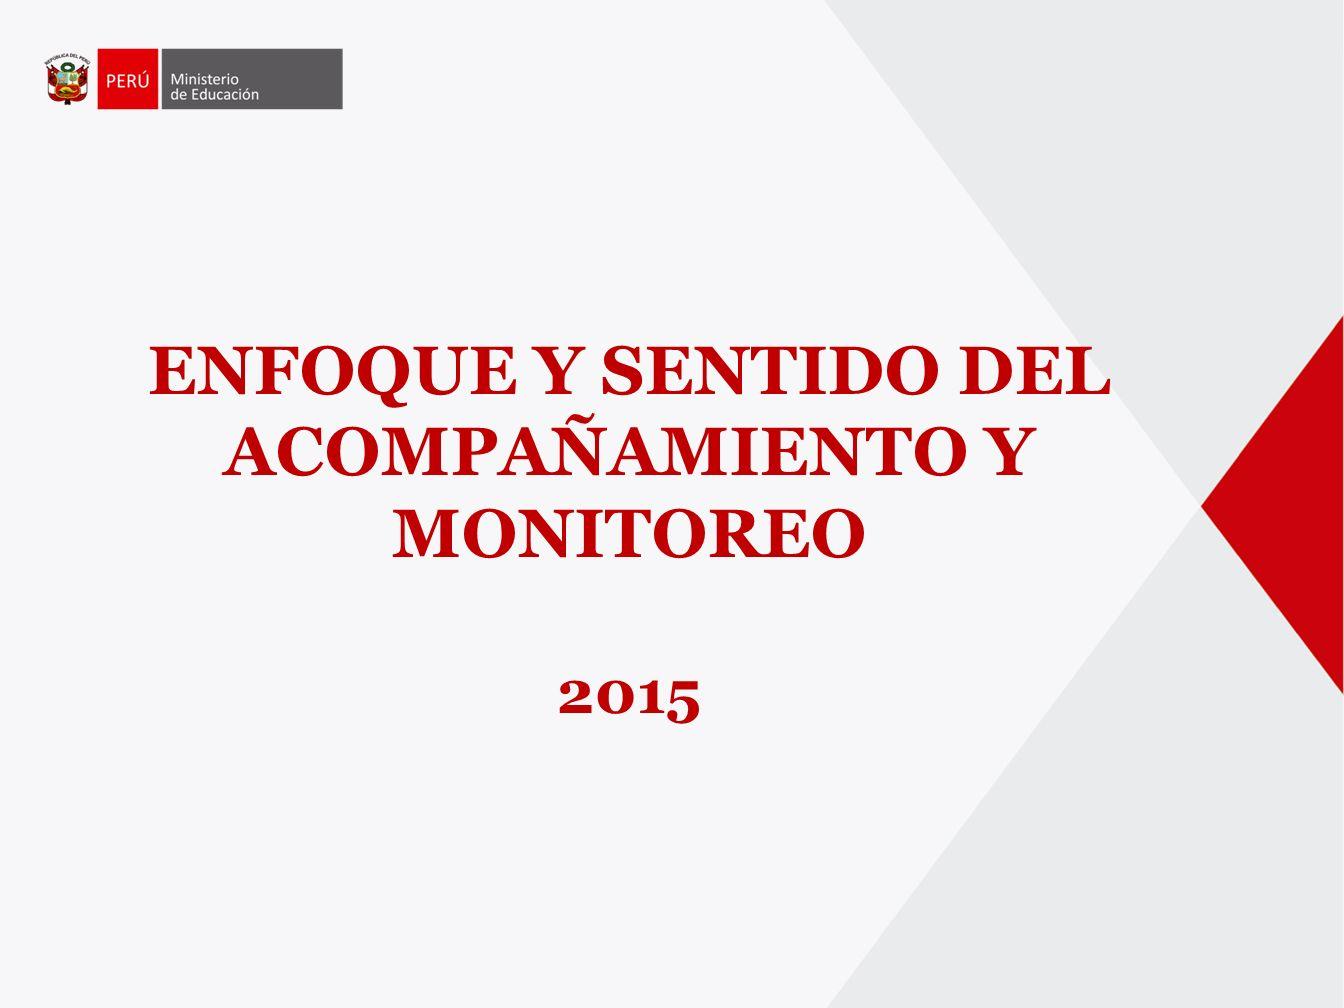 ENFOQUE Y SENTIDO DEL ACOMPAÑAMIENTO Y MONITOREO 2015